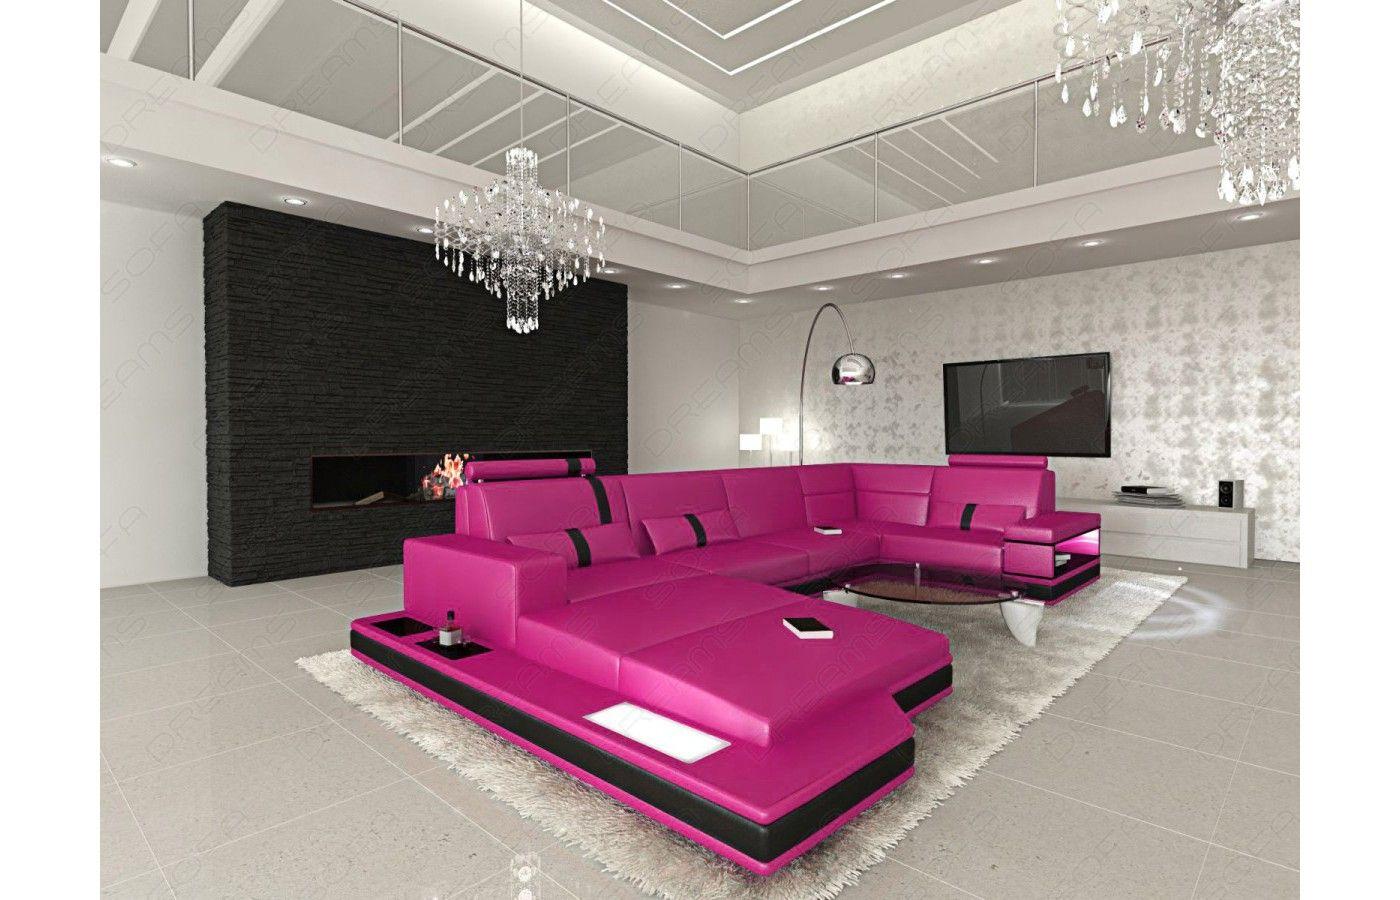 Exklusive Sofas leder wohnlandschaft messana in pink schwarz exklusiv bei sofa